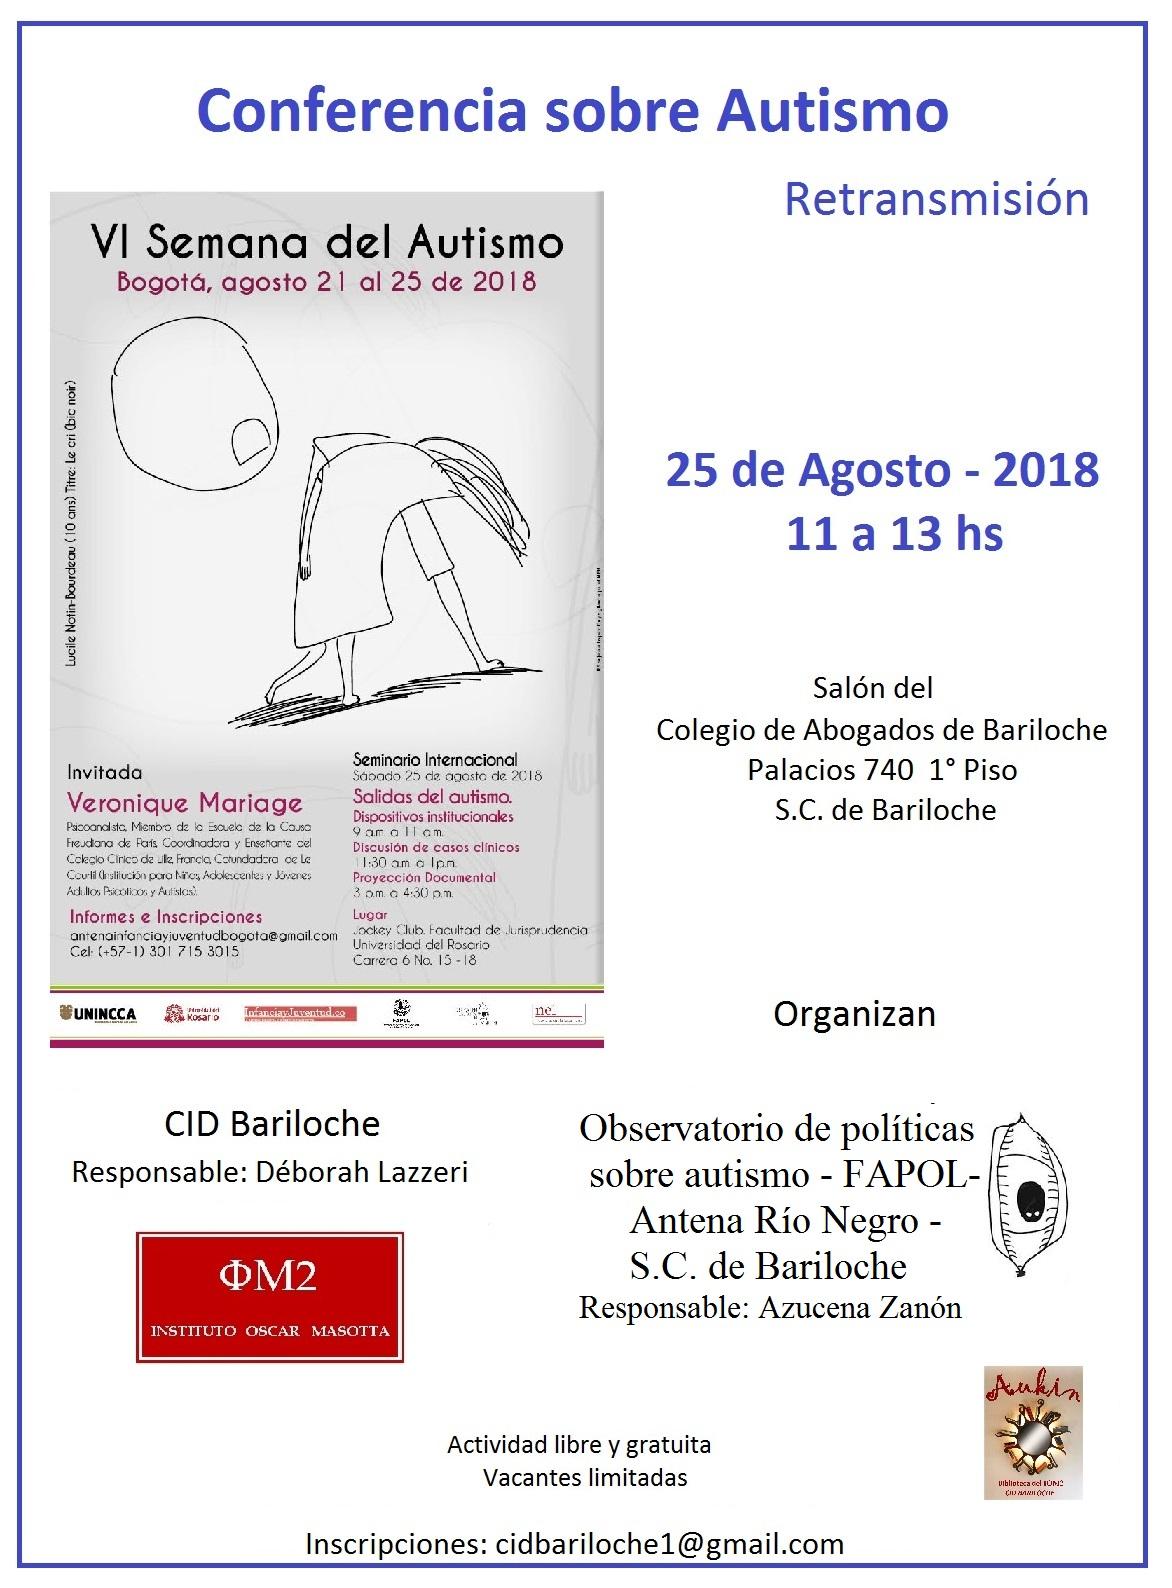 Conferencia sobre Autismo